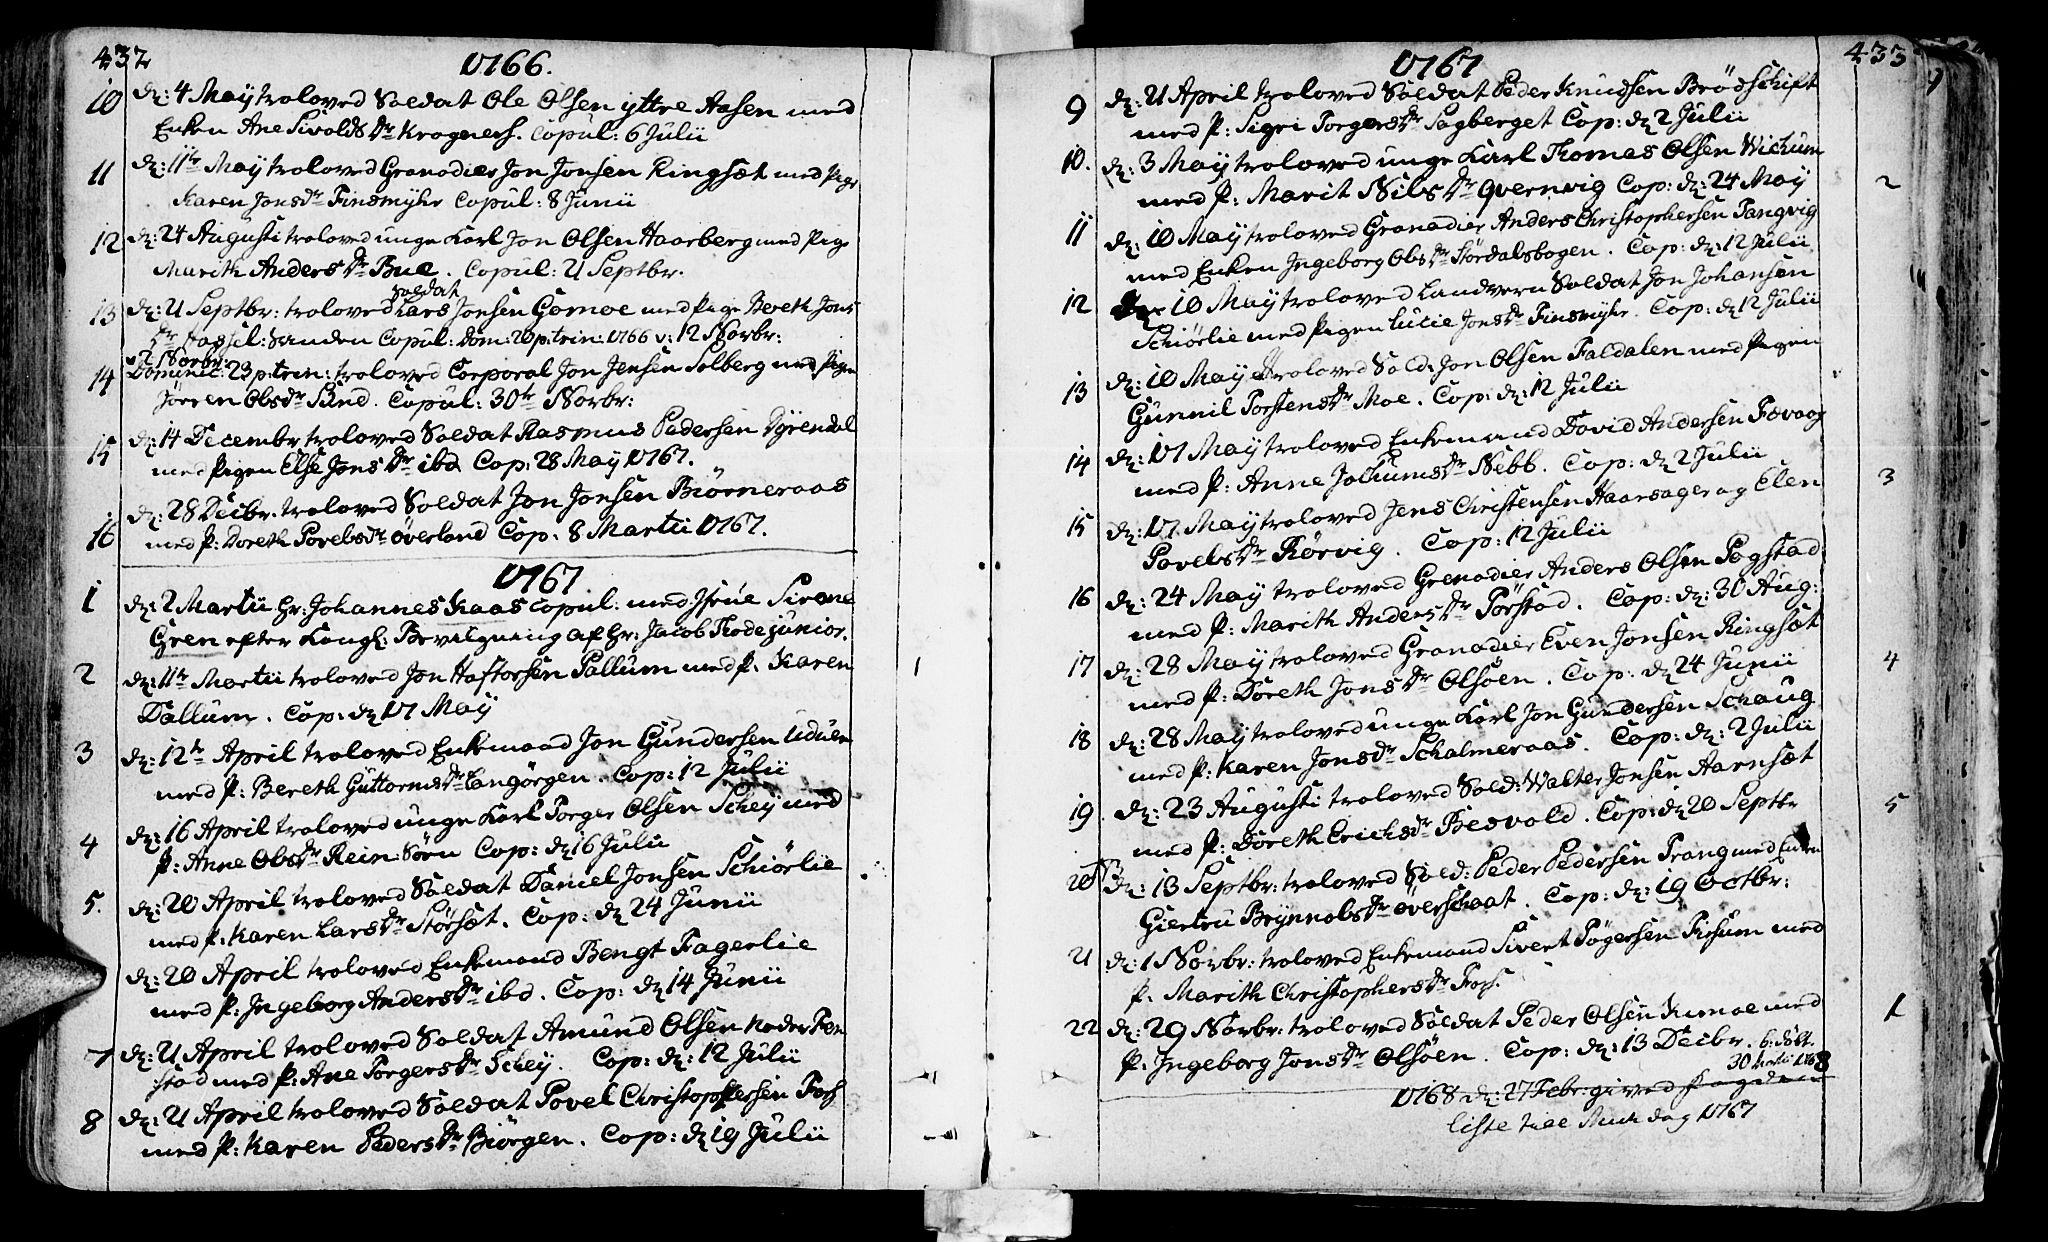 SAT, Ministerialprotokoller, klokkerbøker og fødselsregistre - Sør-Trøndelag, 646/L0605: Ministerialbok nr. 646A03, 1751-1790, s. 432-433